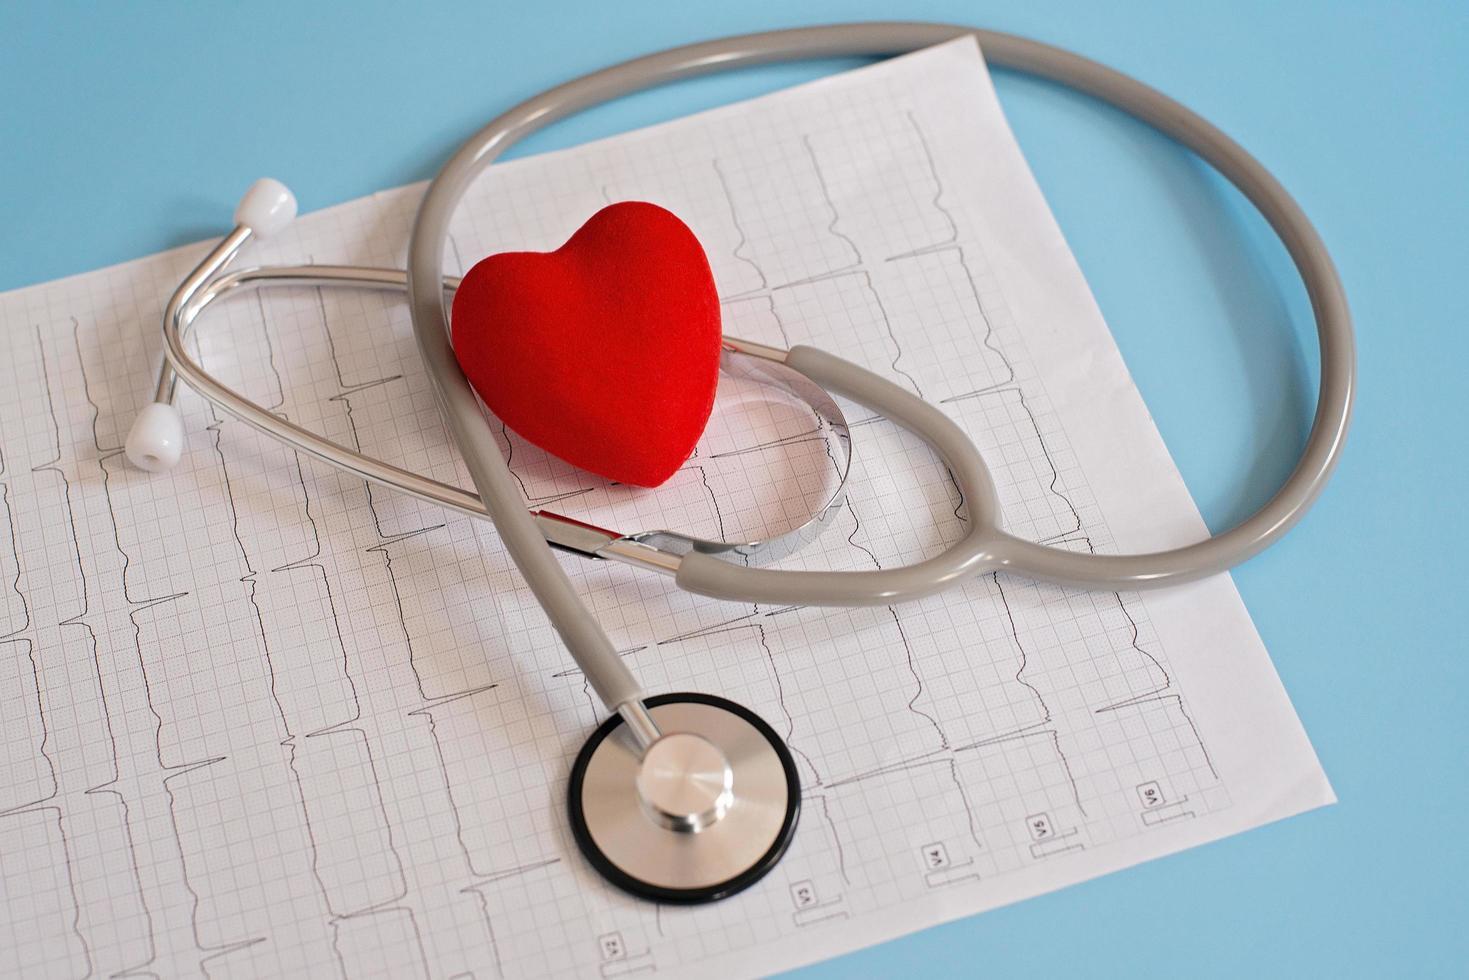 medische stethoscoop en rood hart liggend op een cardiogram. cardiotherapeut, hartslagmeter, hartfysica, foto